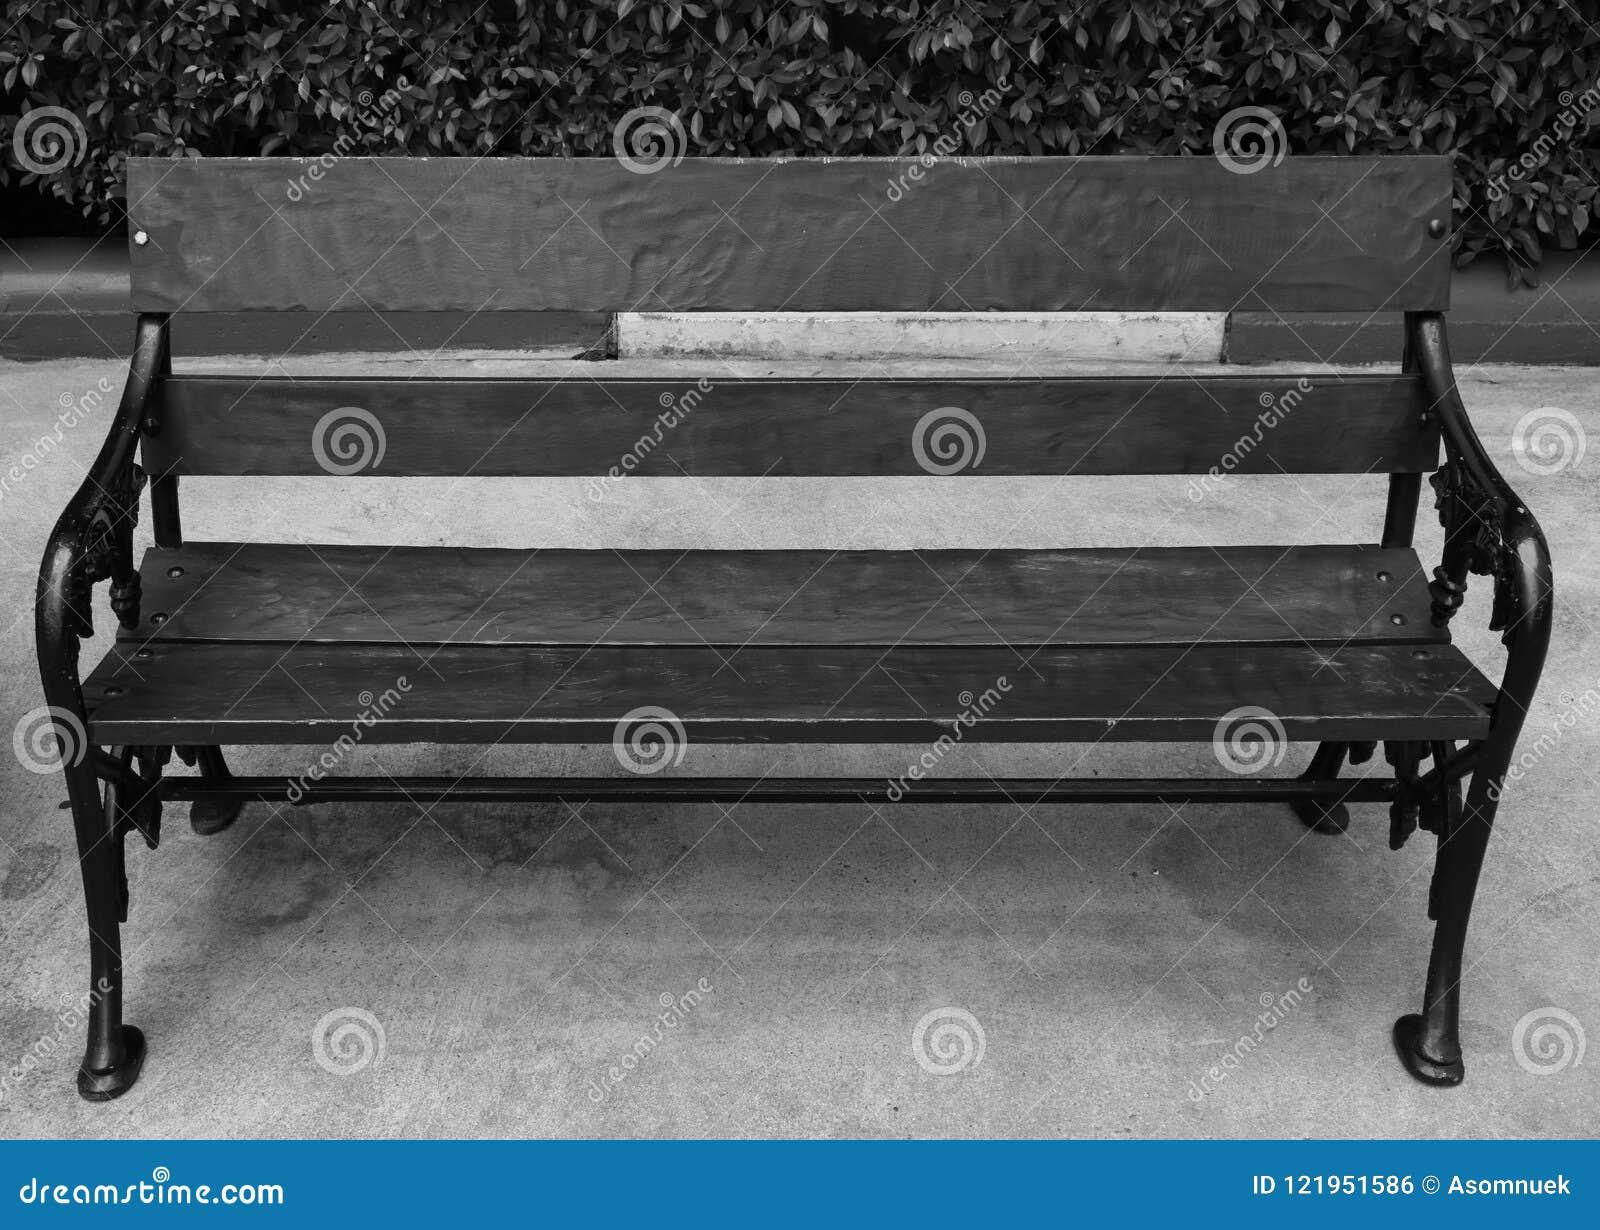 Sitzen Sie mich bitte